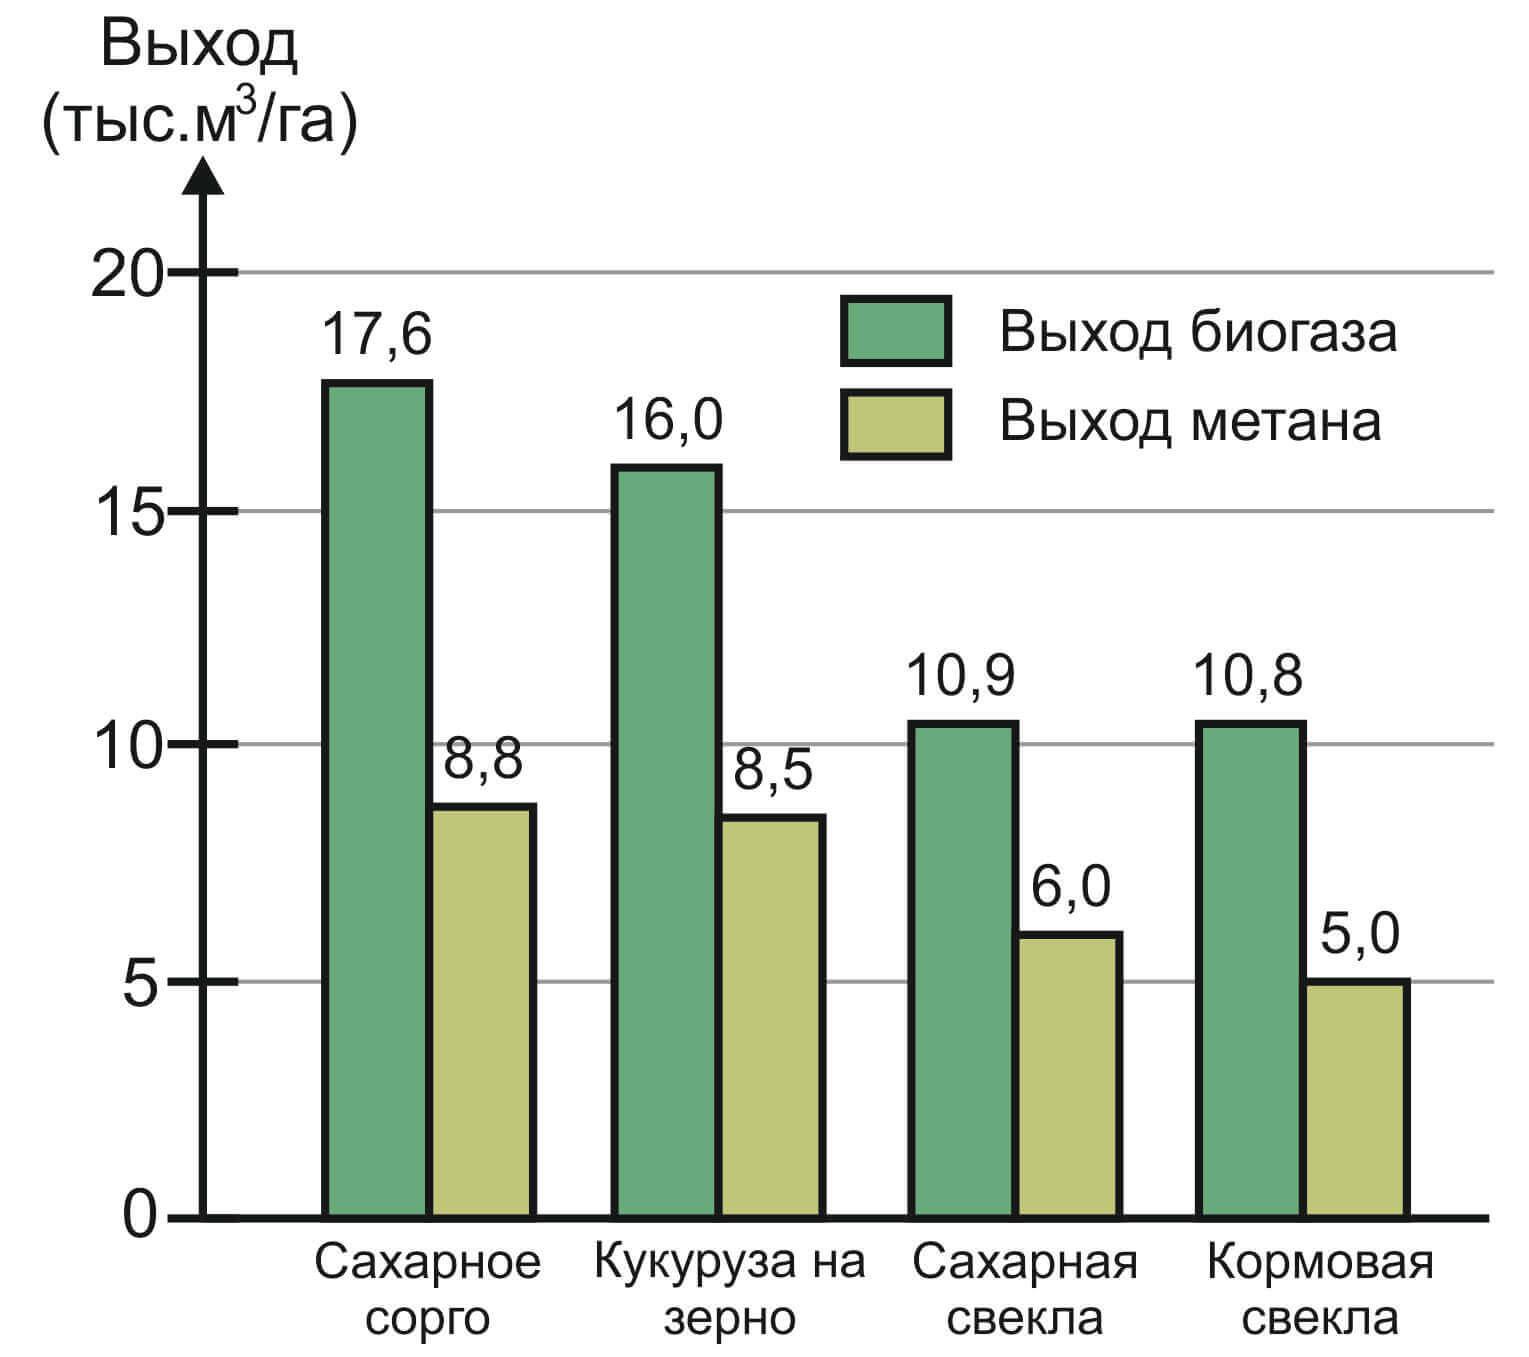 Потенциальный выход биогаза и метана с 1 га разных с/х культур